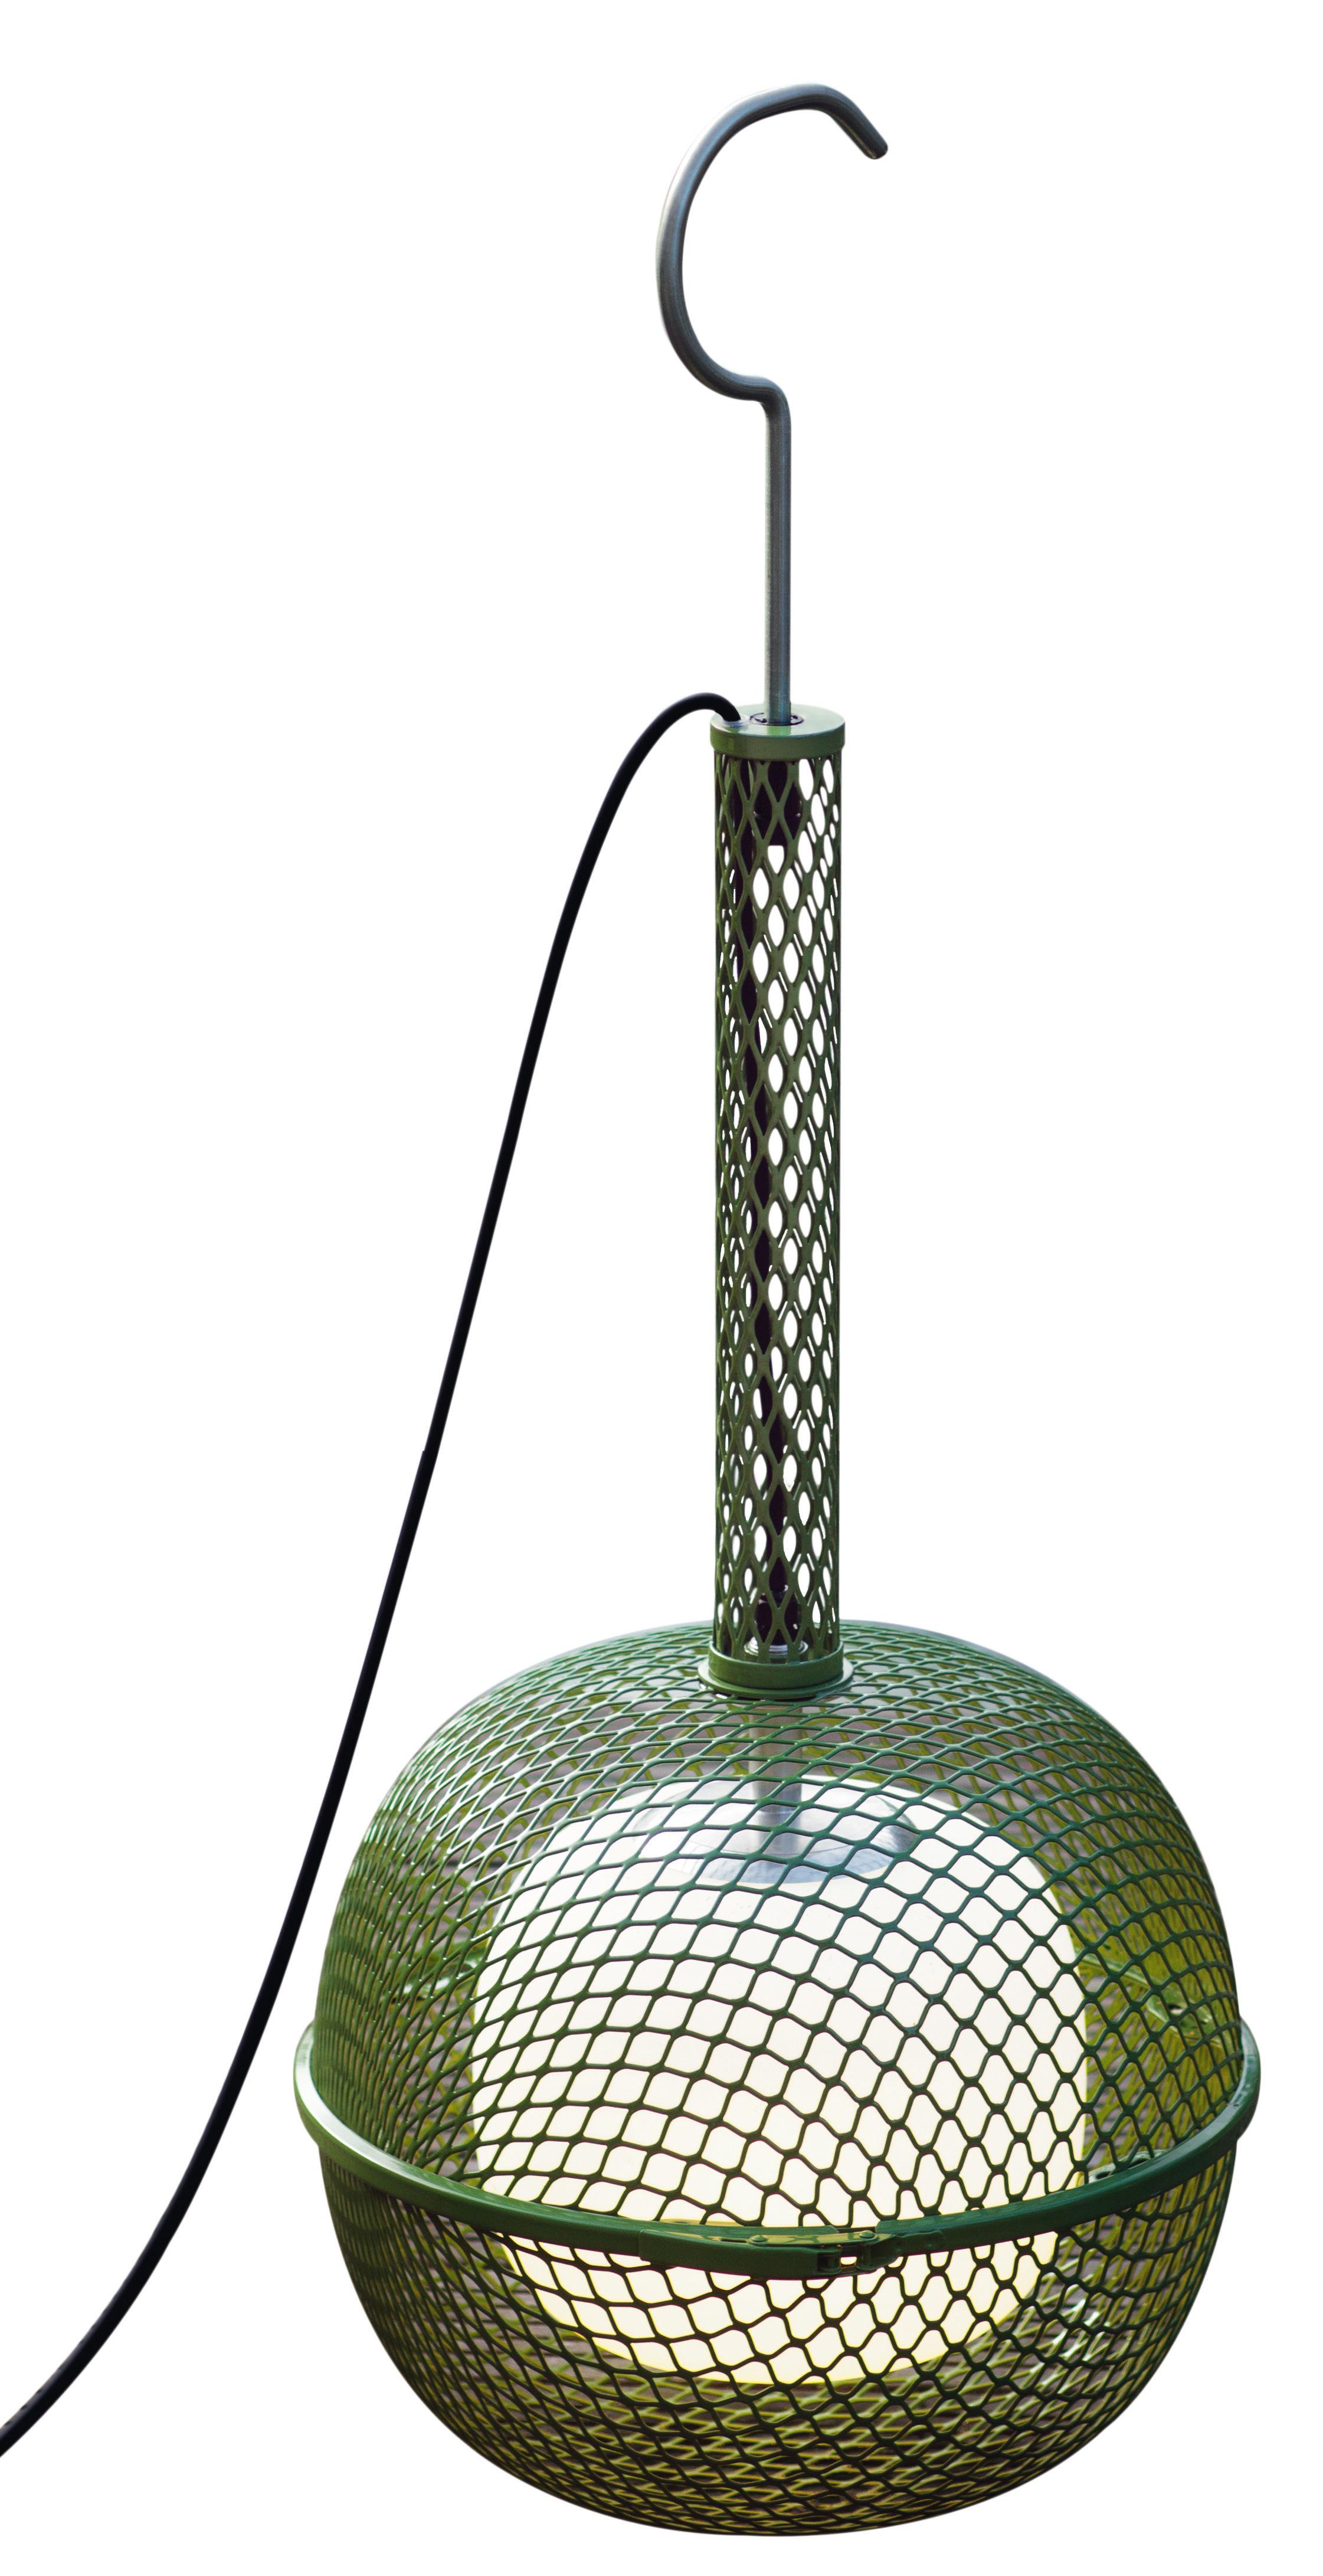 Luminaire - Suspensions - Baladeuse Noctiluque / H 91 cm - A poser ou suspendre - Roger Pradier - Vert - Acier peint, Polypropylène